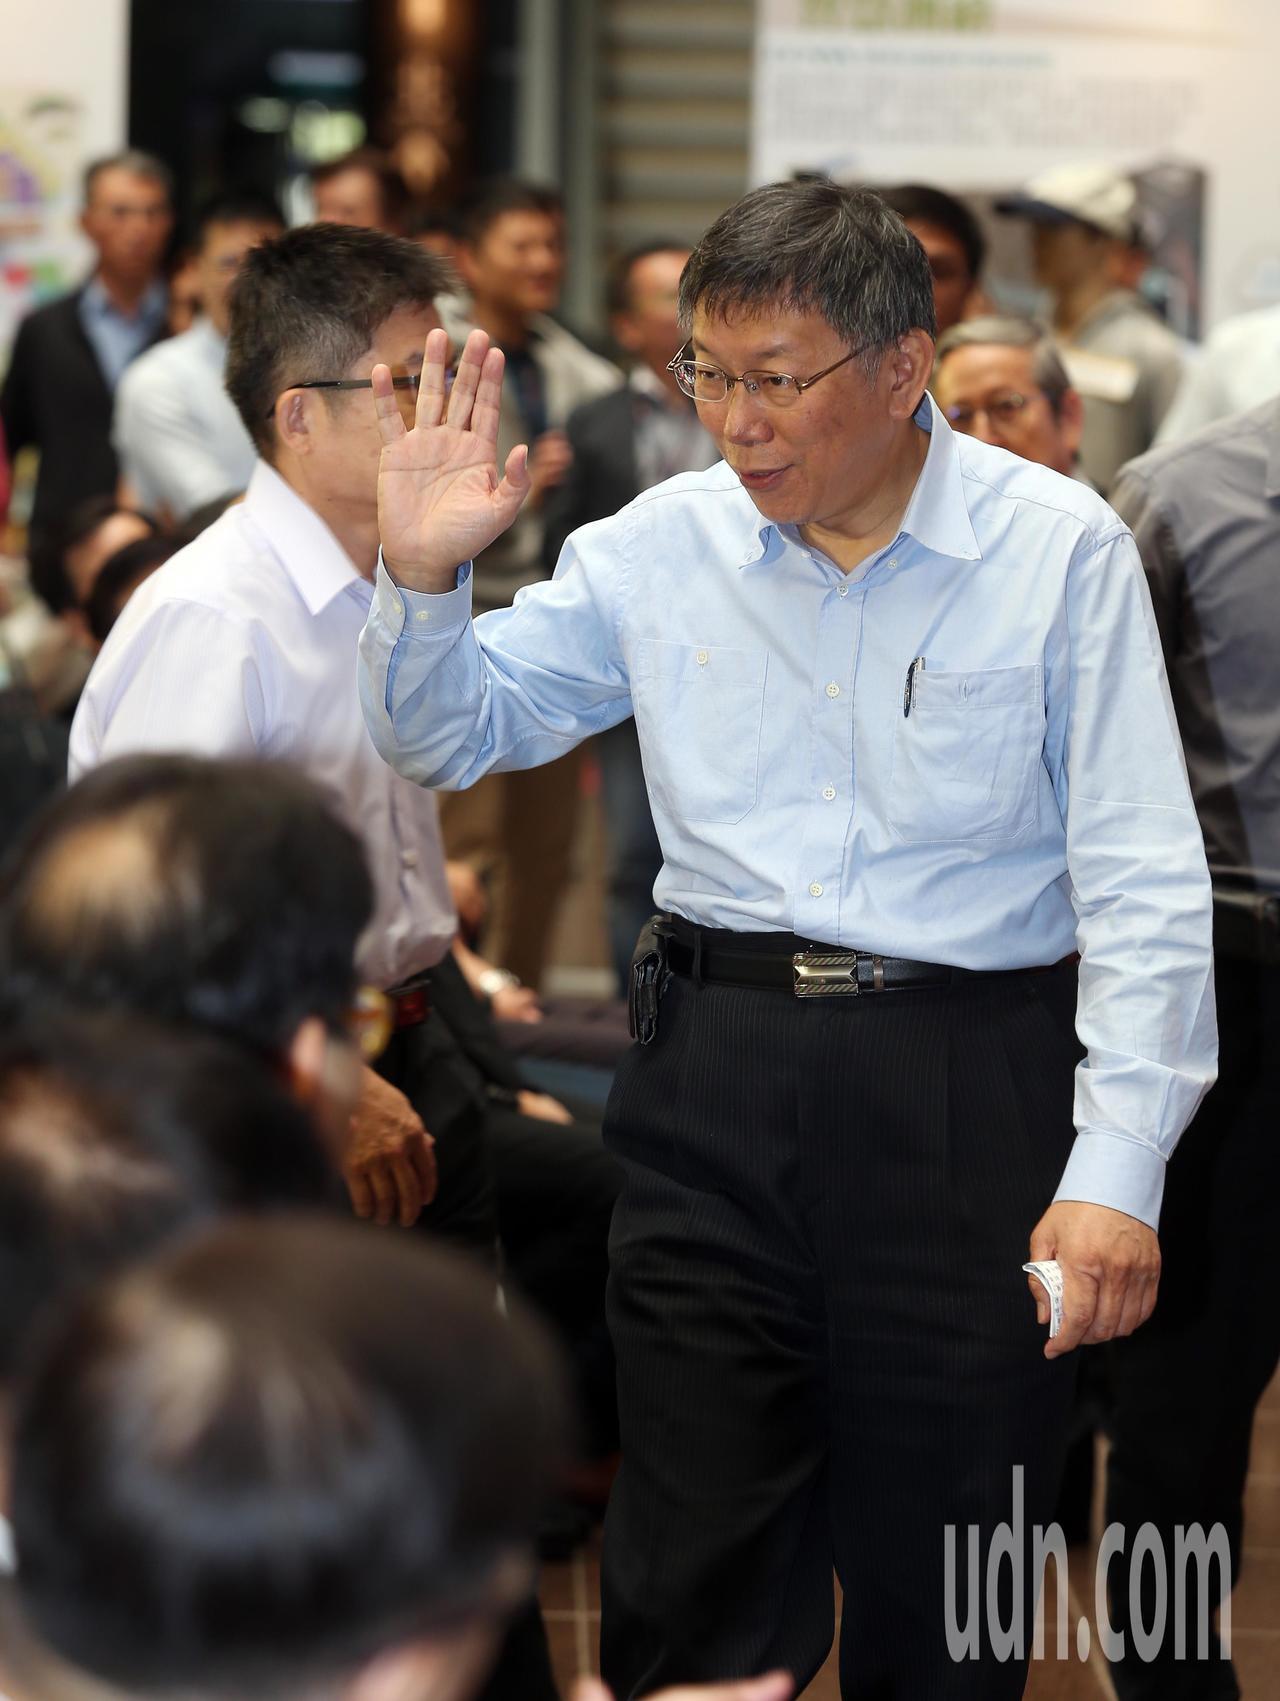 台北市長柯文哲(右)上午參加地政活動。記者曾吉松/攝影